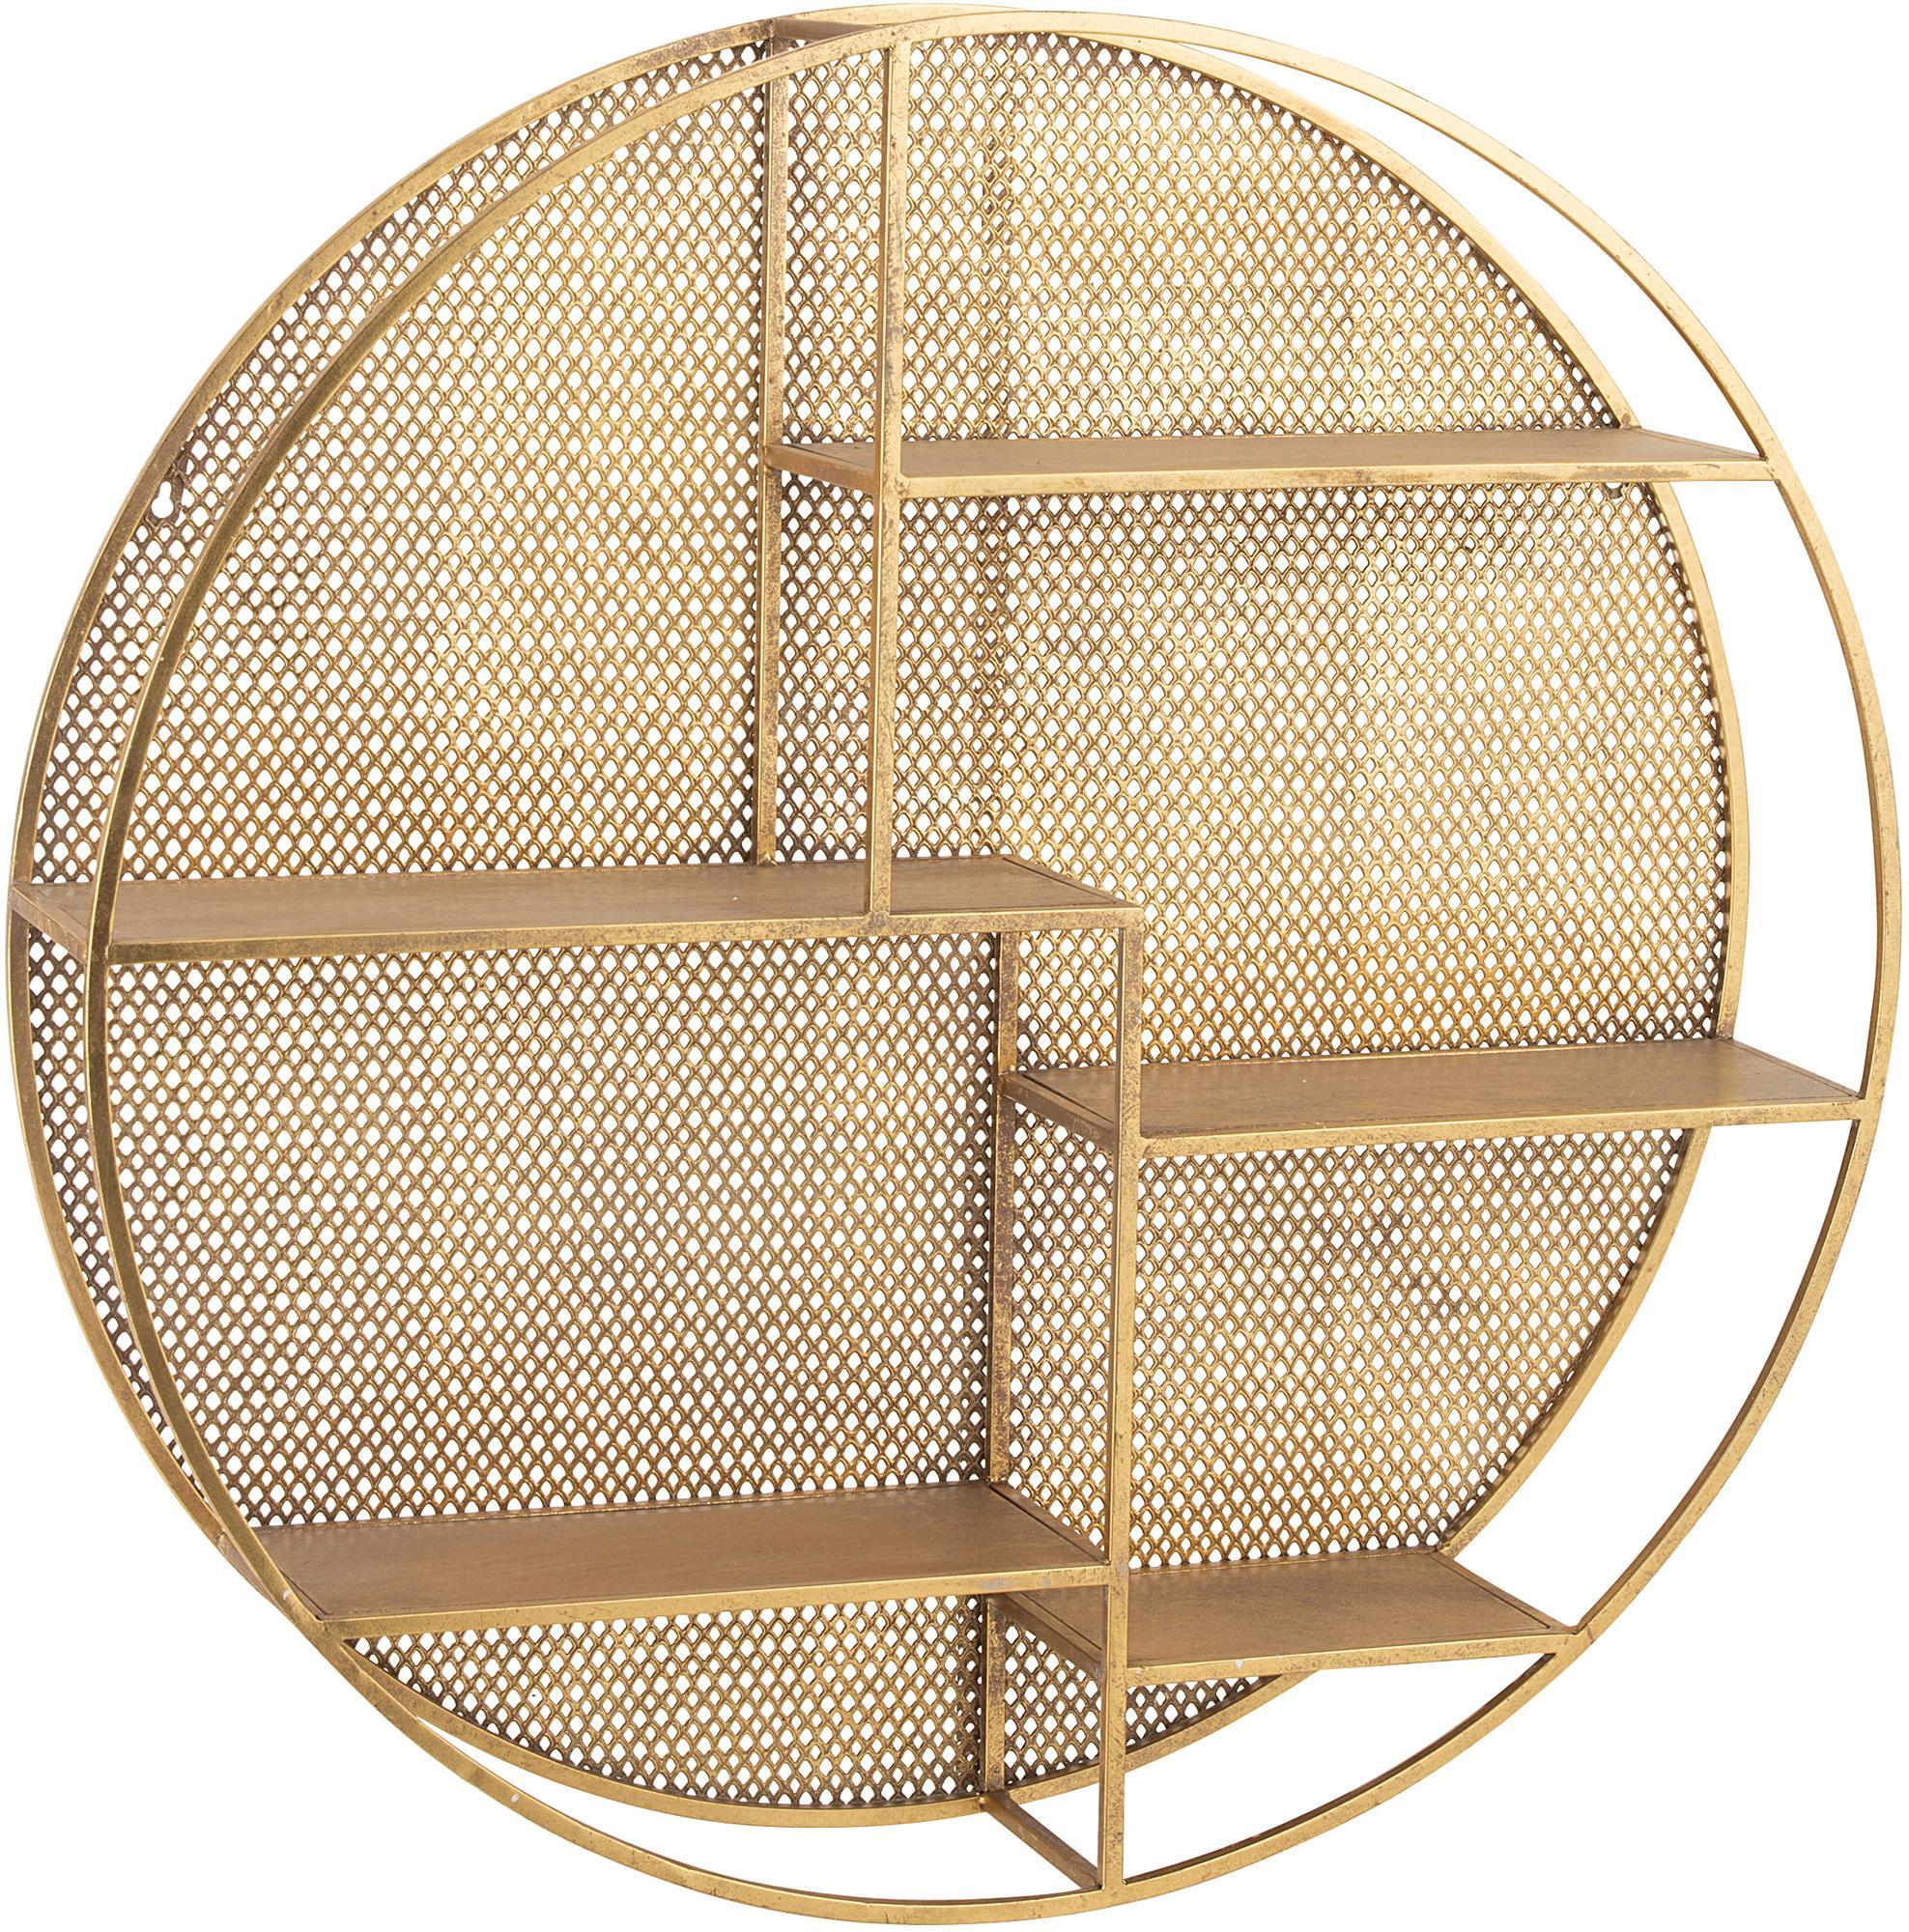 Ripiano da parete rotondo in metallo Mimau, Metallo verniciato, Dorato, Ø 92 cm